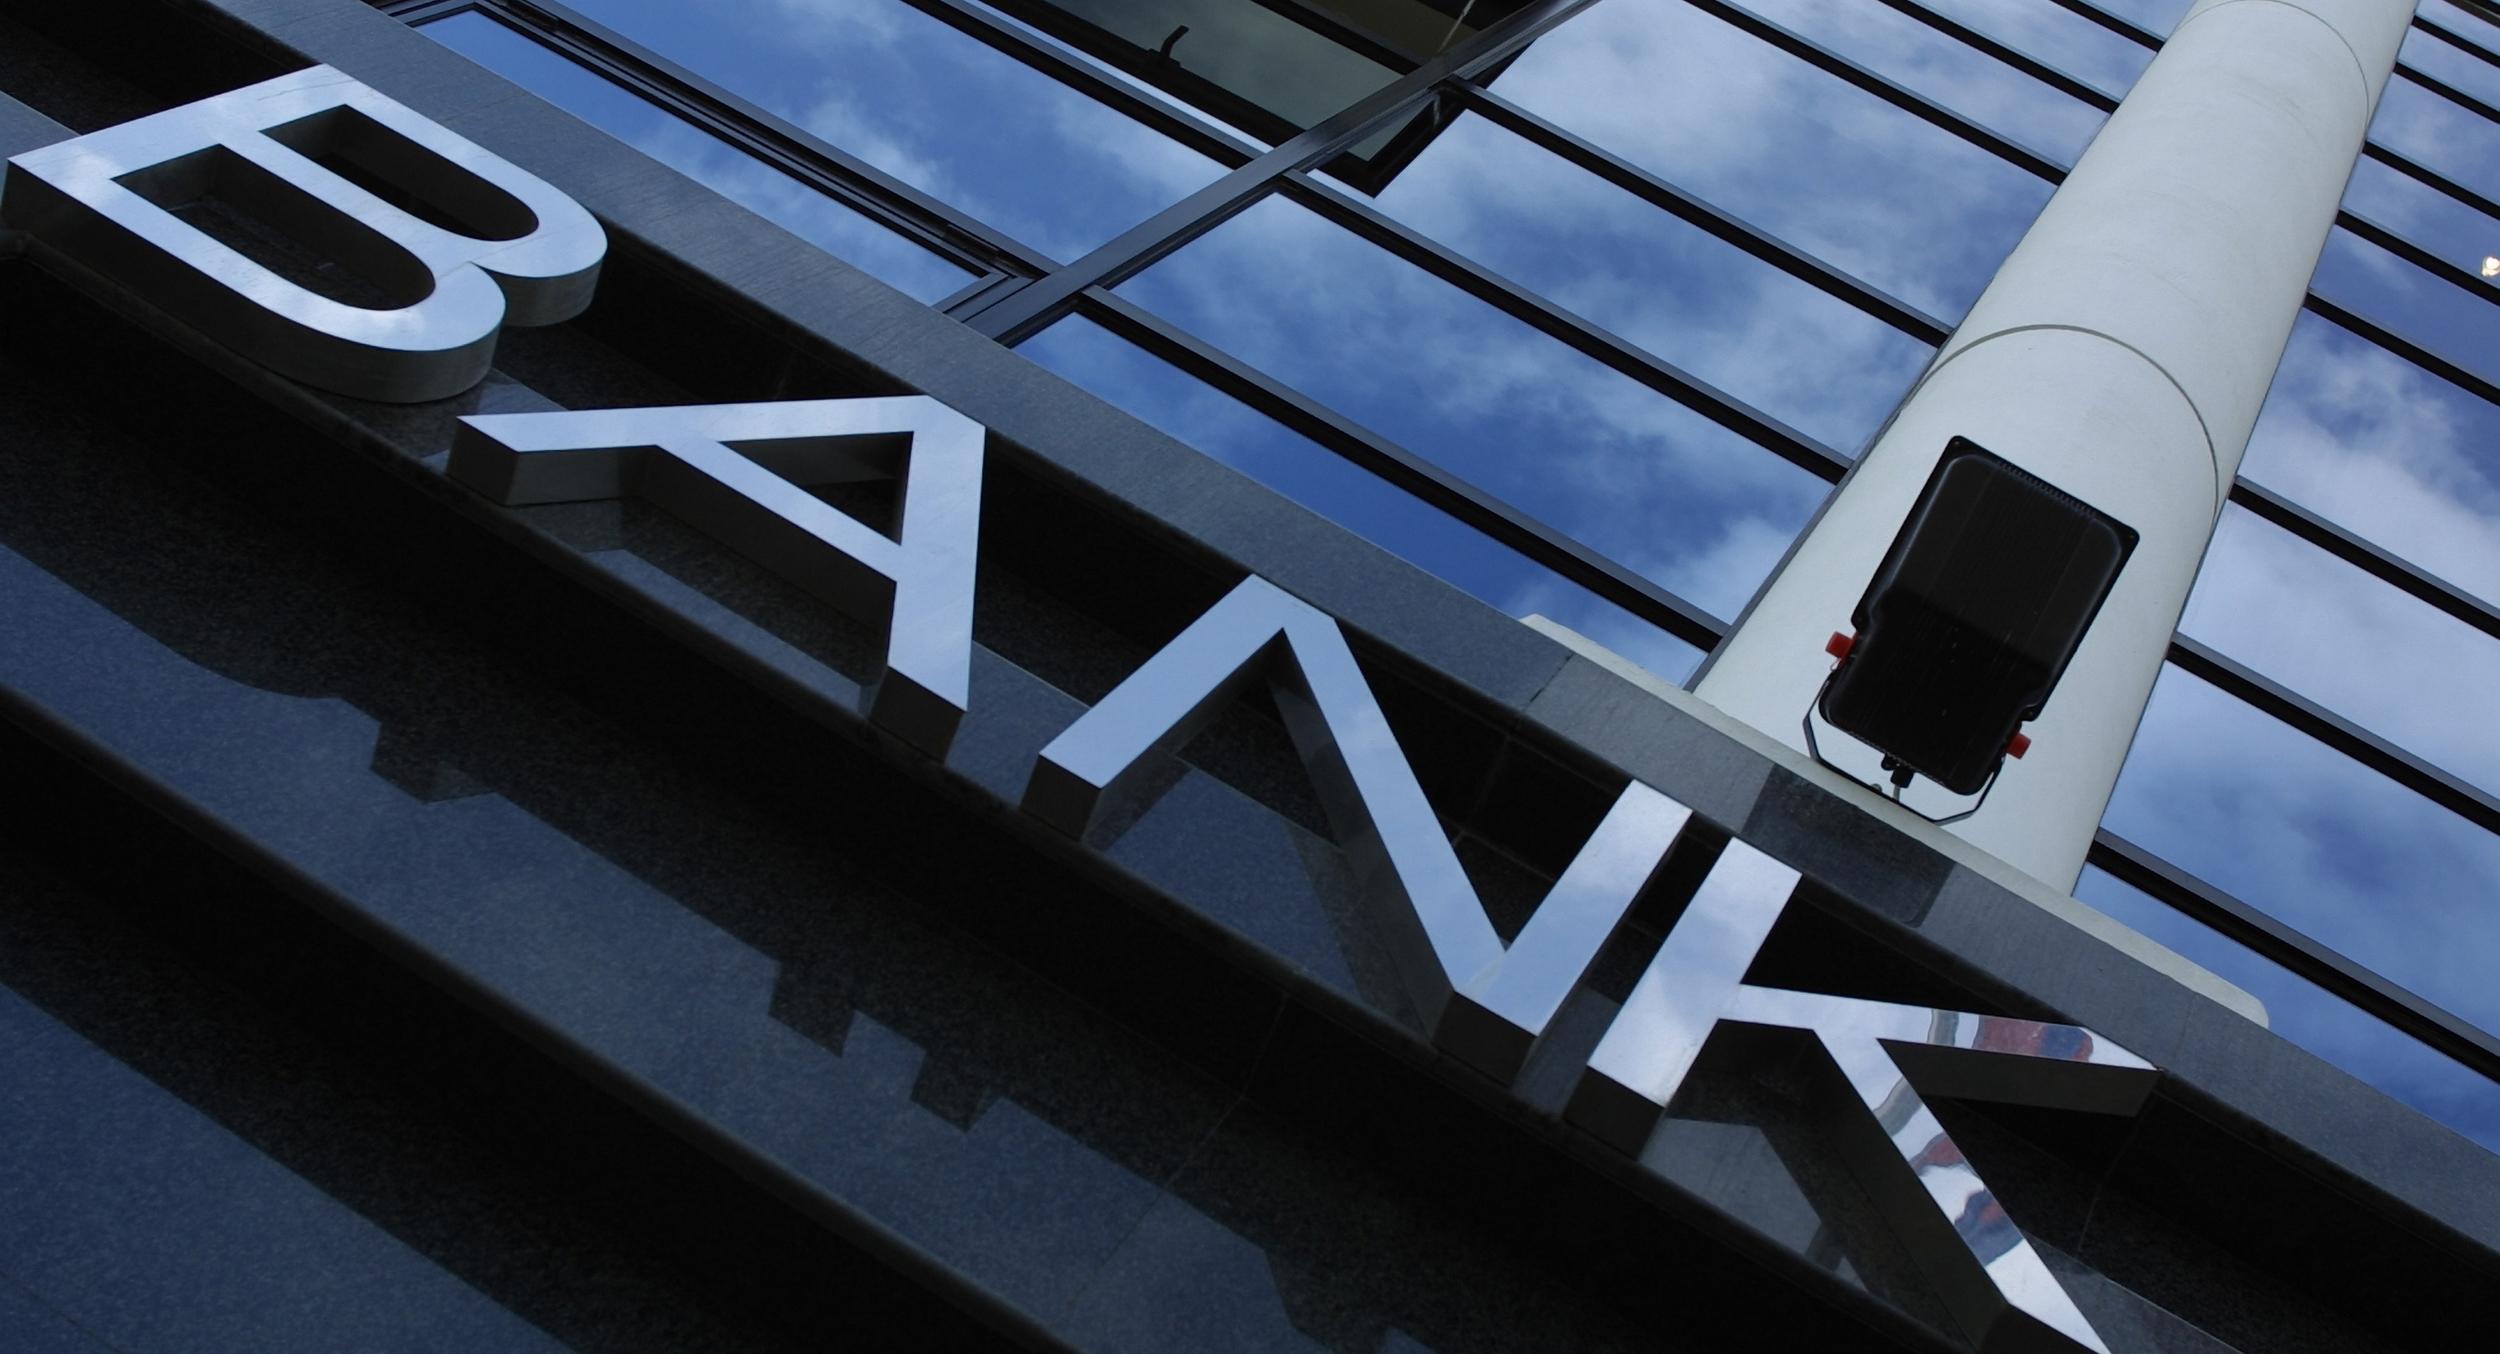 Доверенность на закрытие счета в банке образец